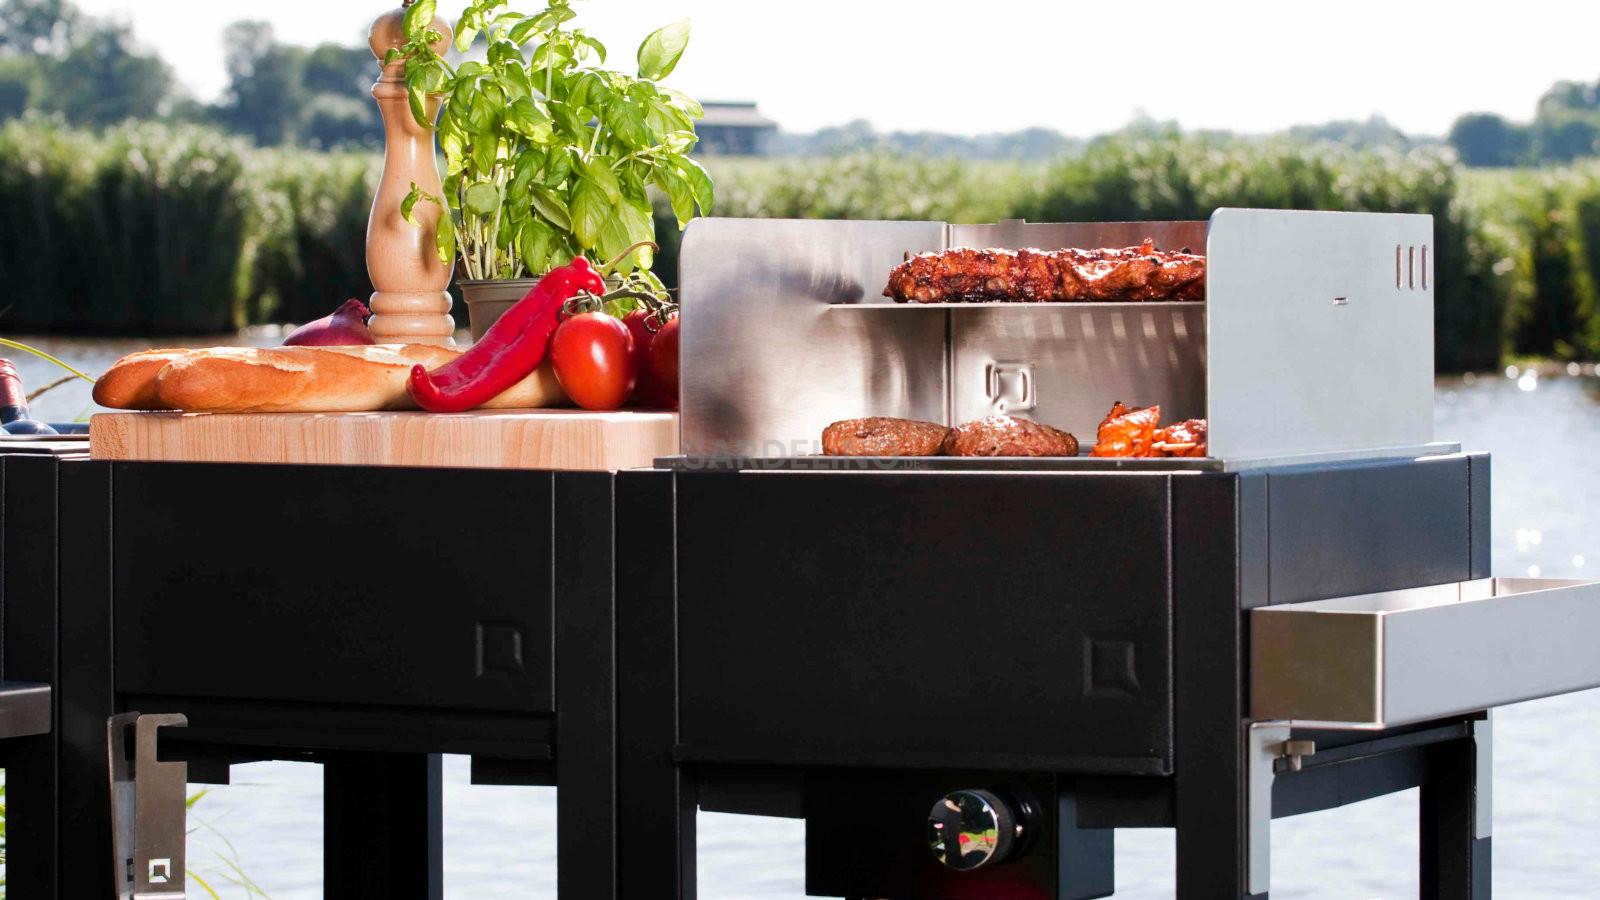 Outdoorküche Mit Gasgrill Vergleich : Oneq outdoorküche